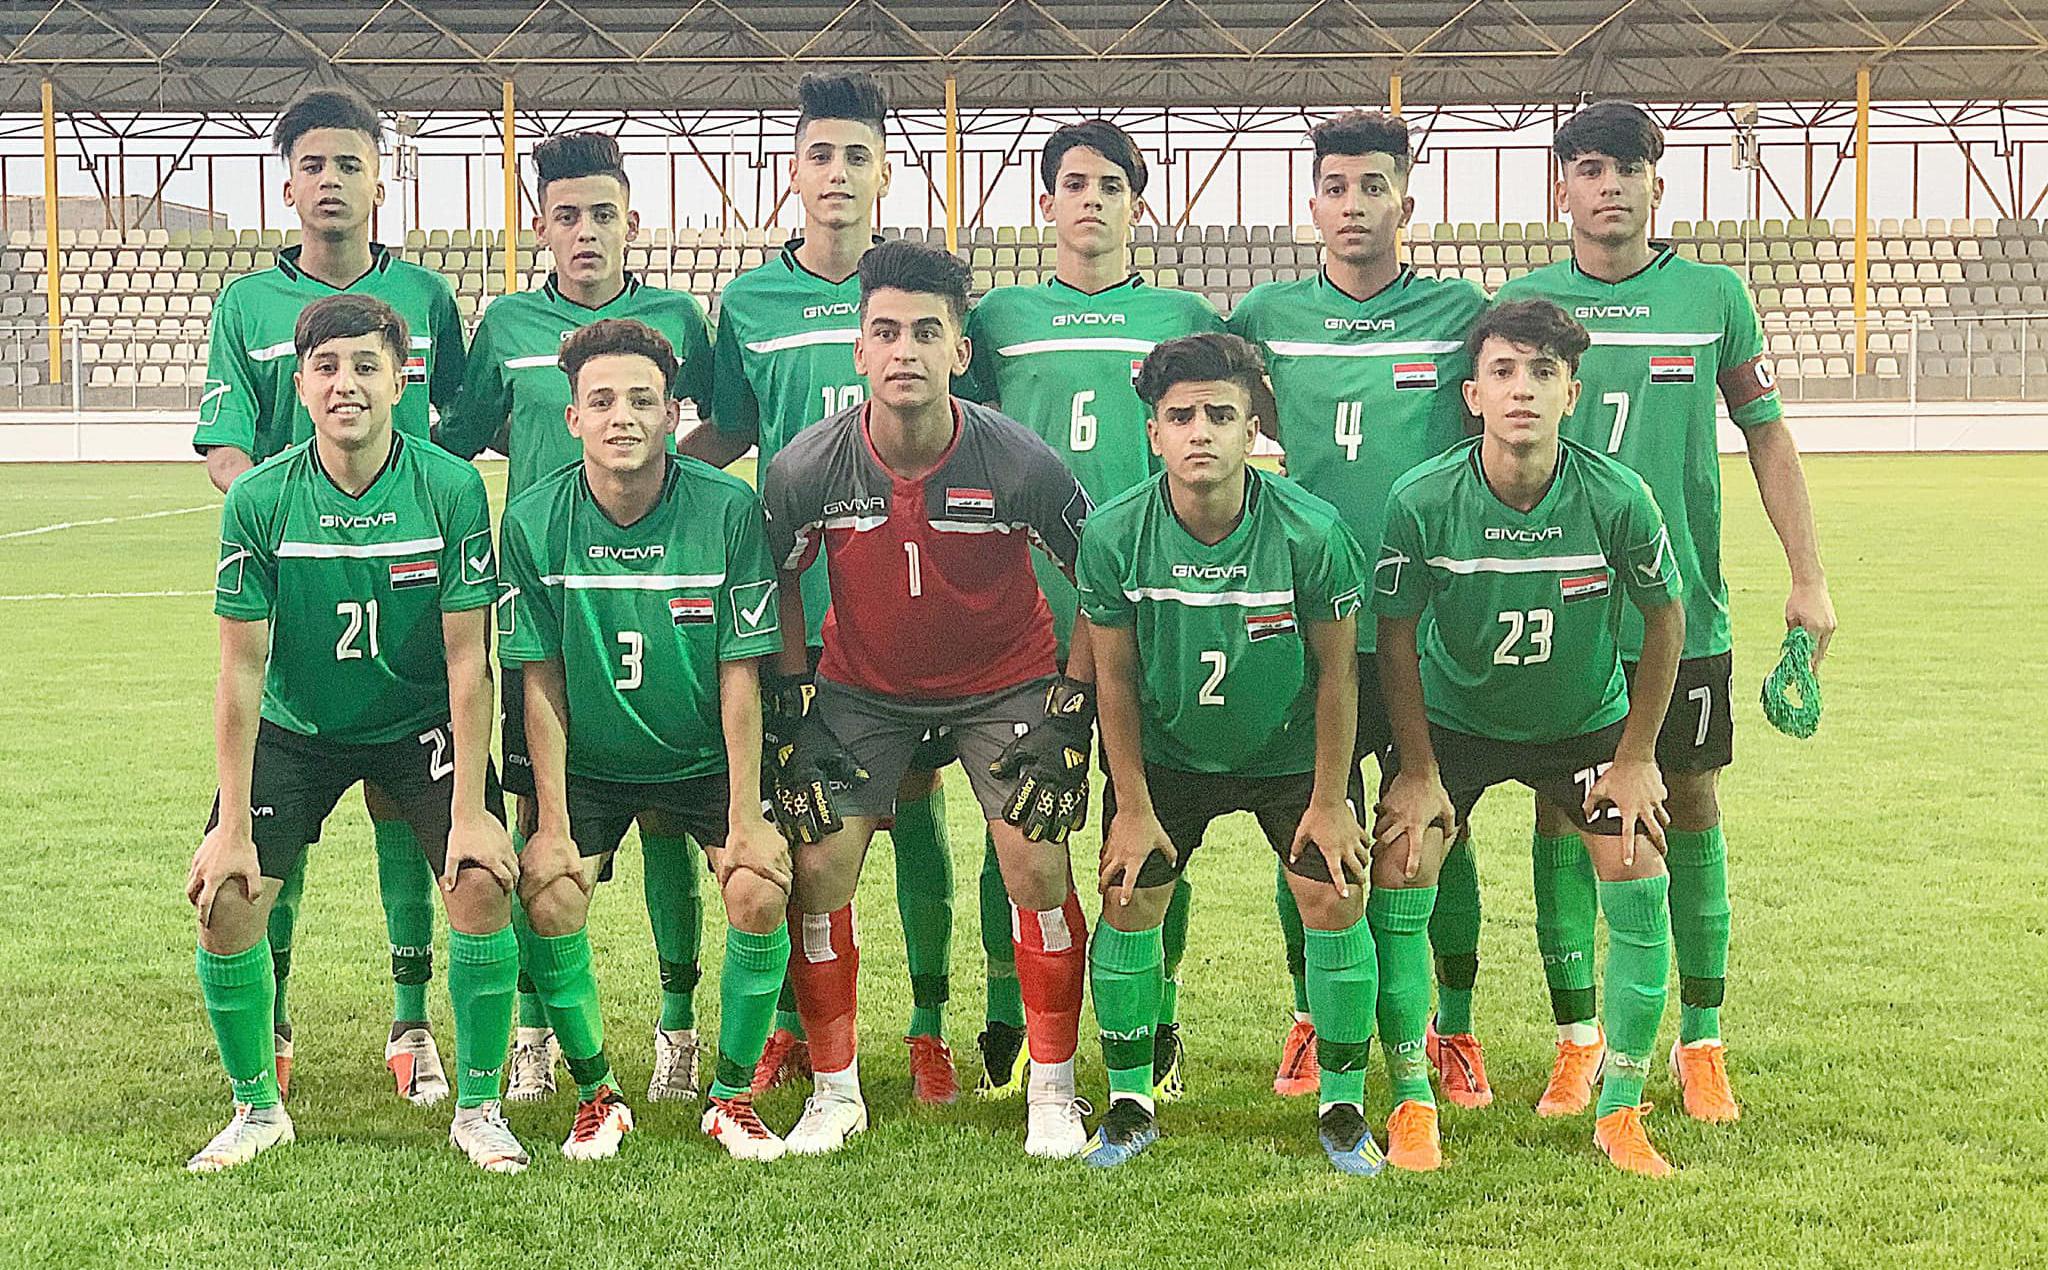 شباب العراق يعسكر في السعودية استعداداً لكأس العرب